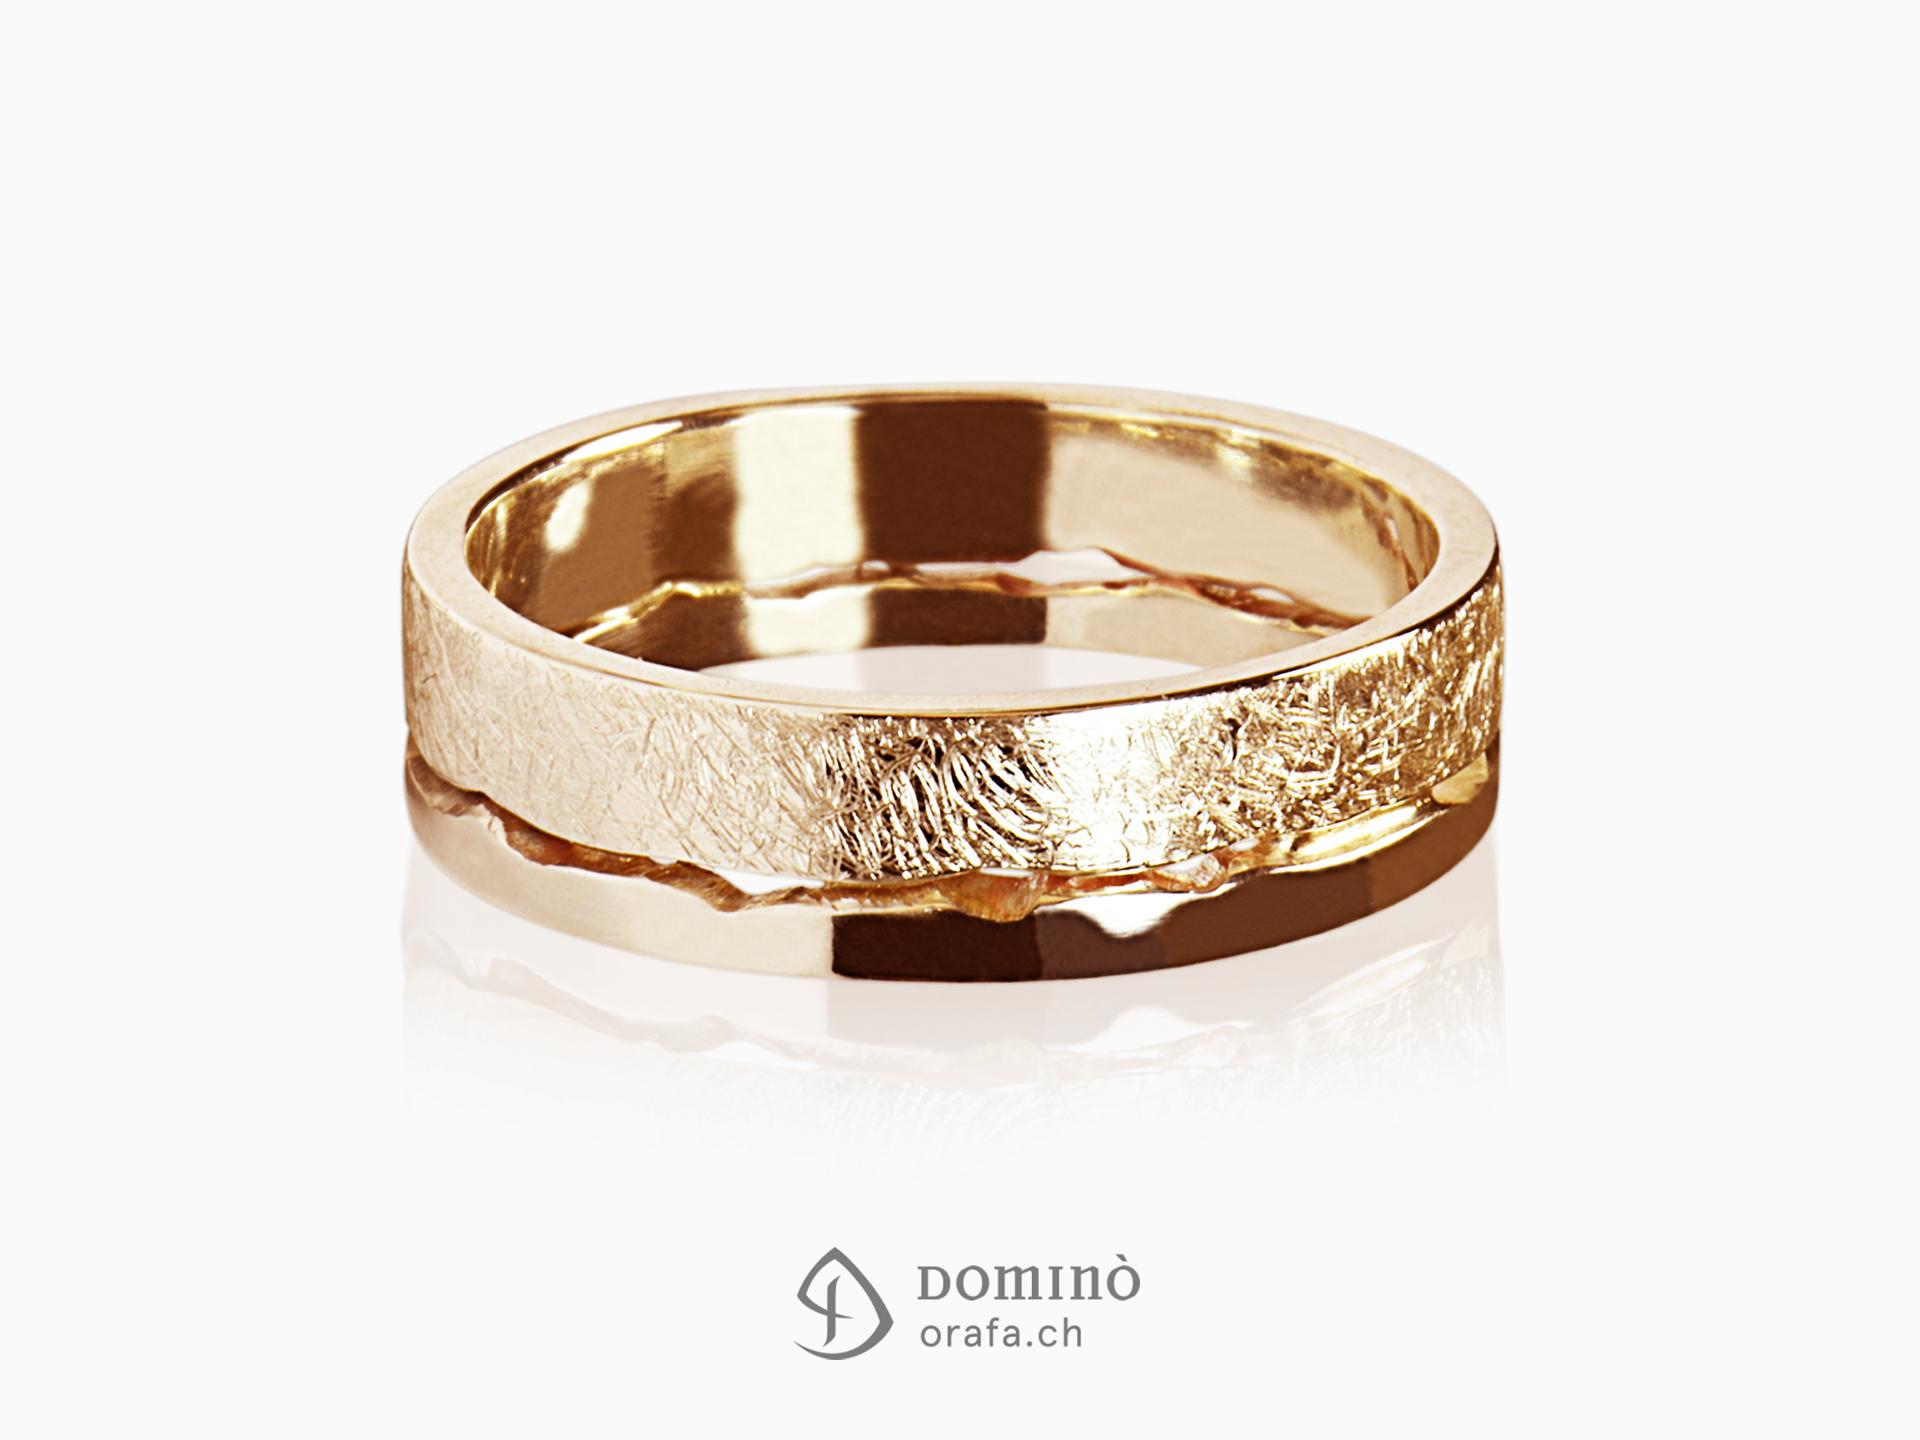 anelli-doppi-frastagliati-lucido-graffiato-1